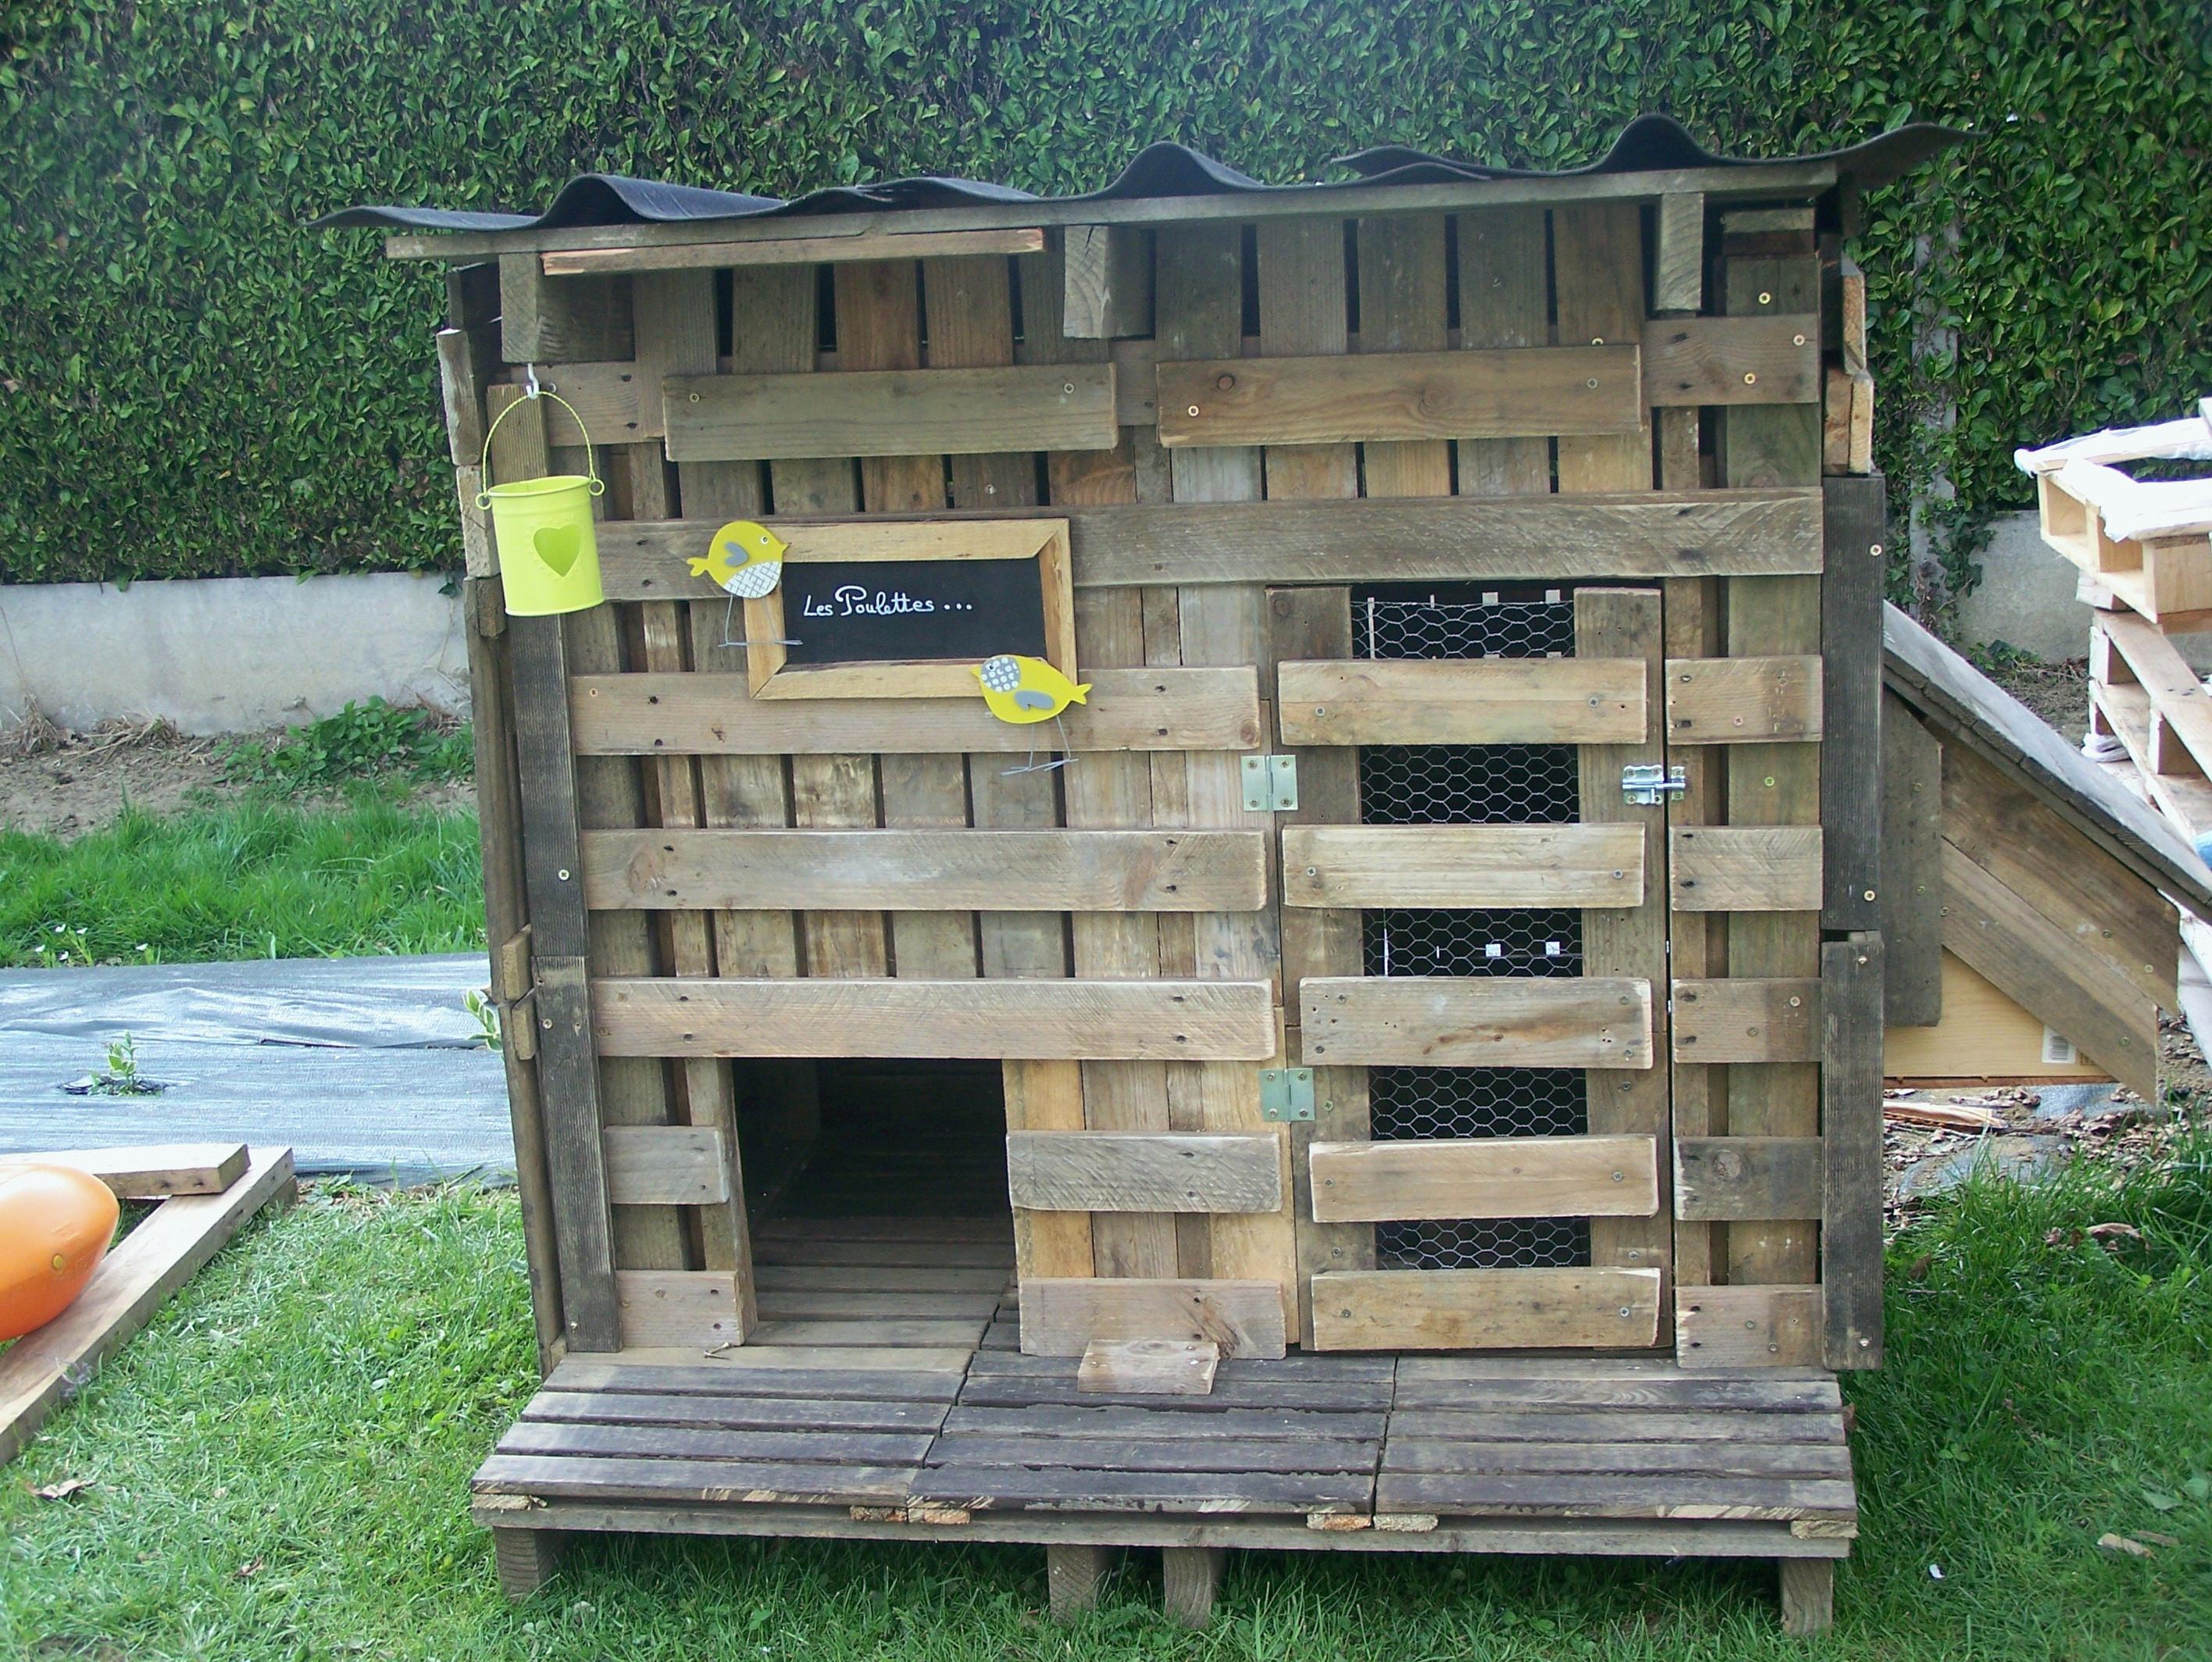 Abris Spa Pas Cher Impressionnant Image Abri De Jardin Pas Cher Bois De Sans Défaut Abrit De Jardin En Bois